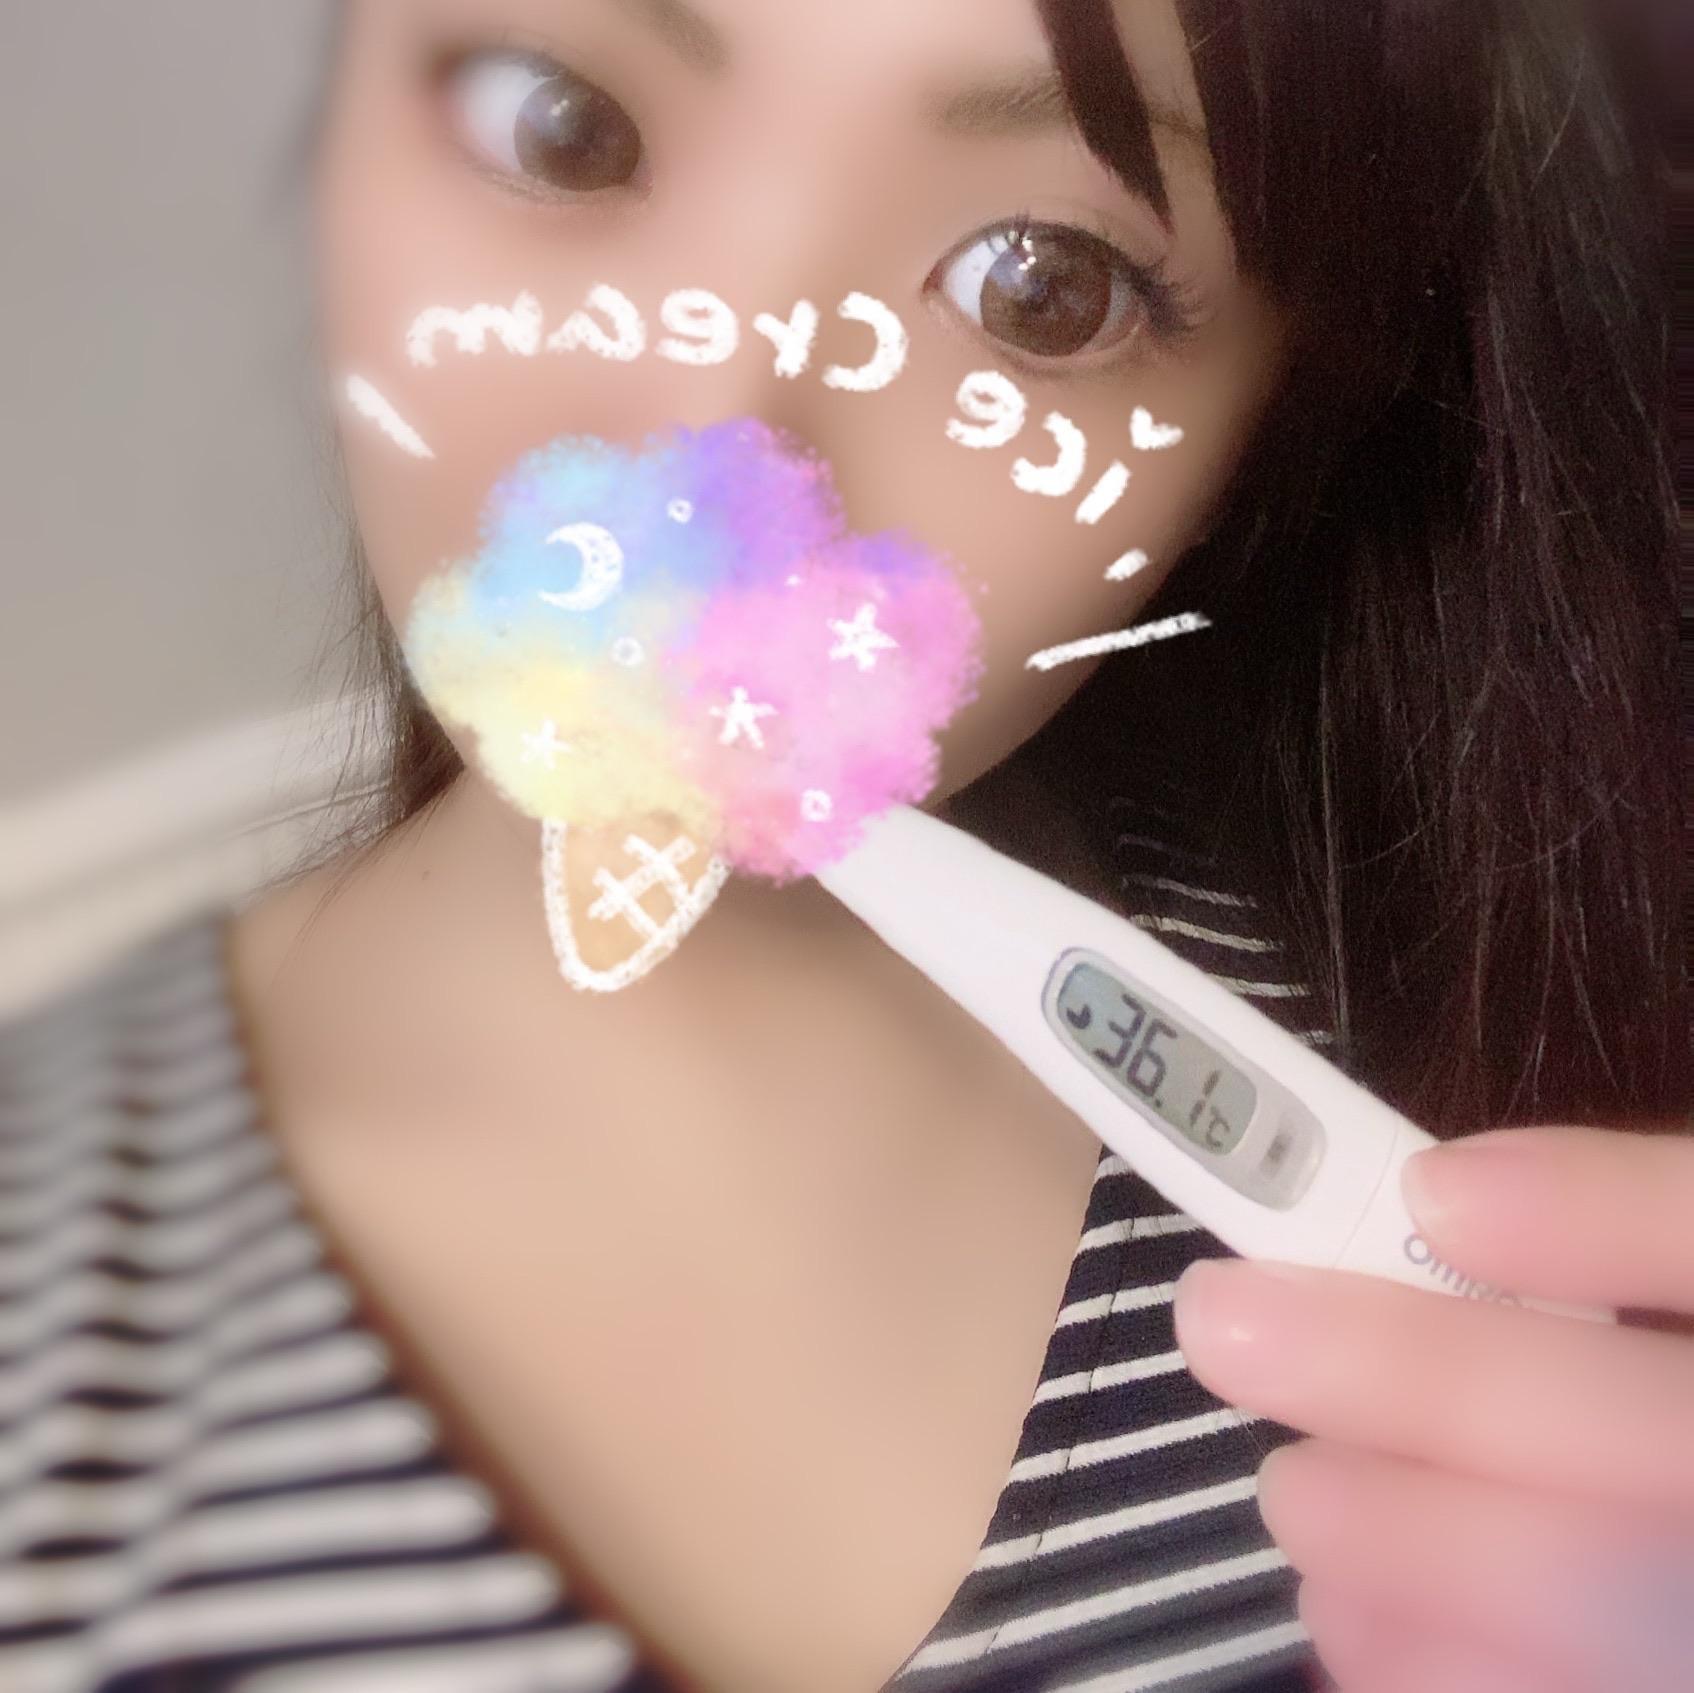 「体温だよーん!」06/17日(木) 19:07 | アイラの写メ・風俗動画